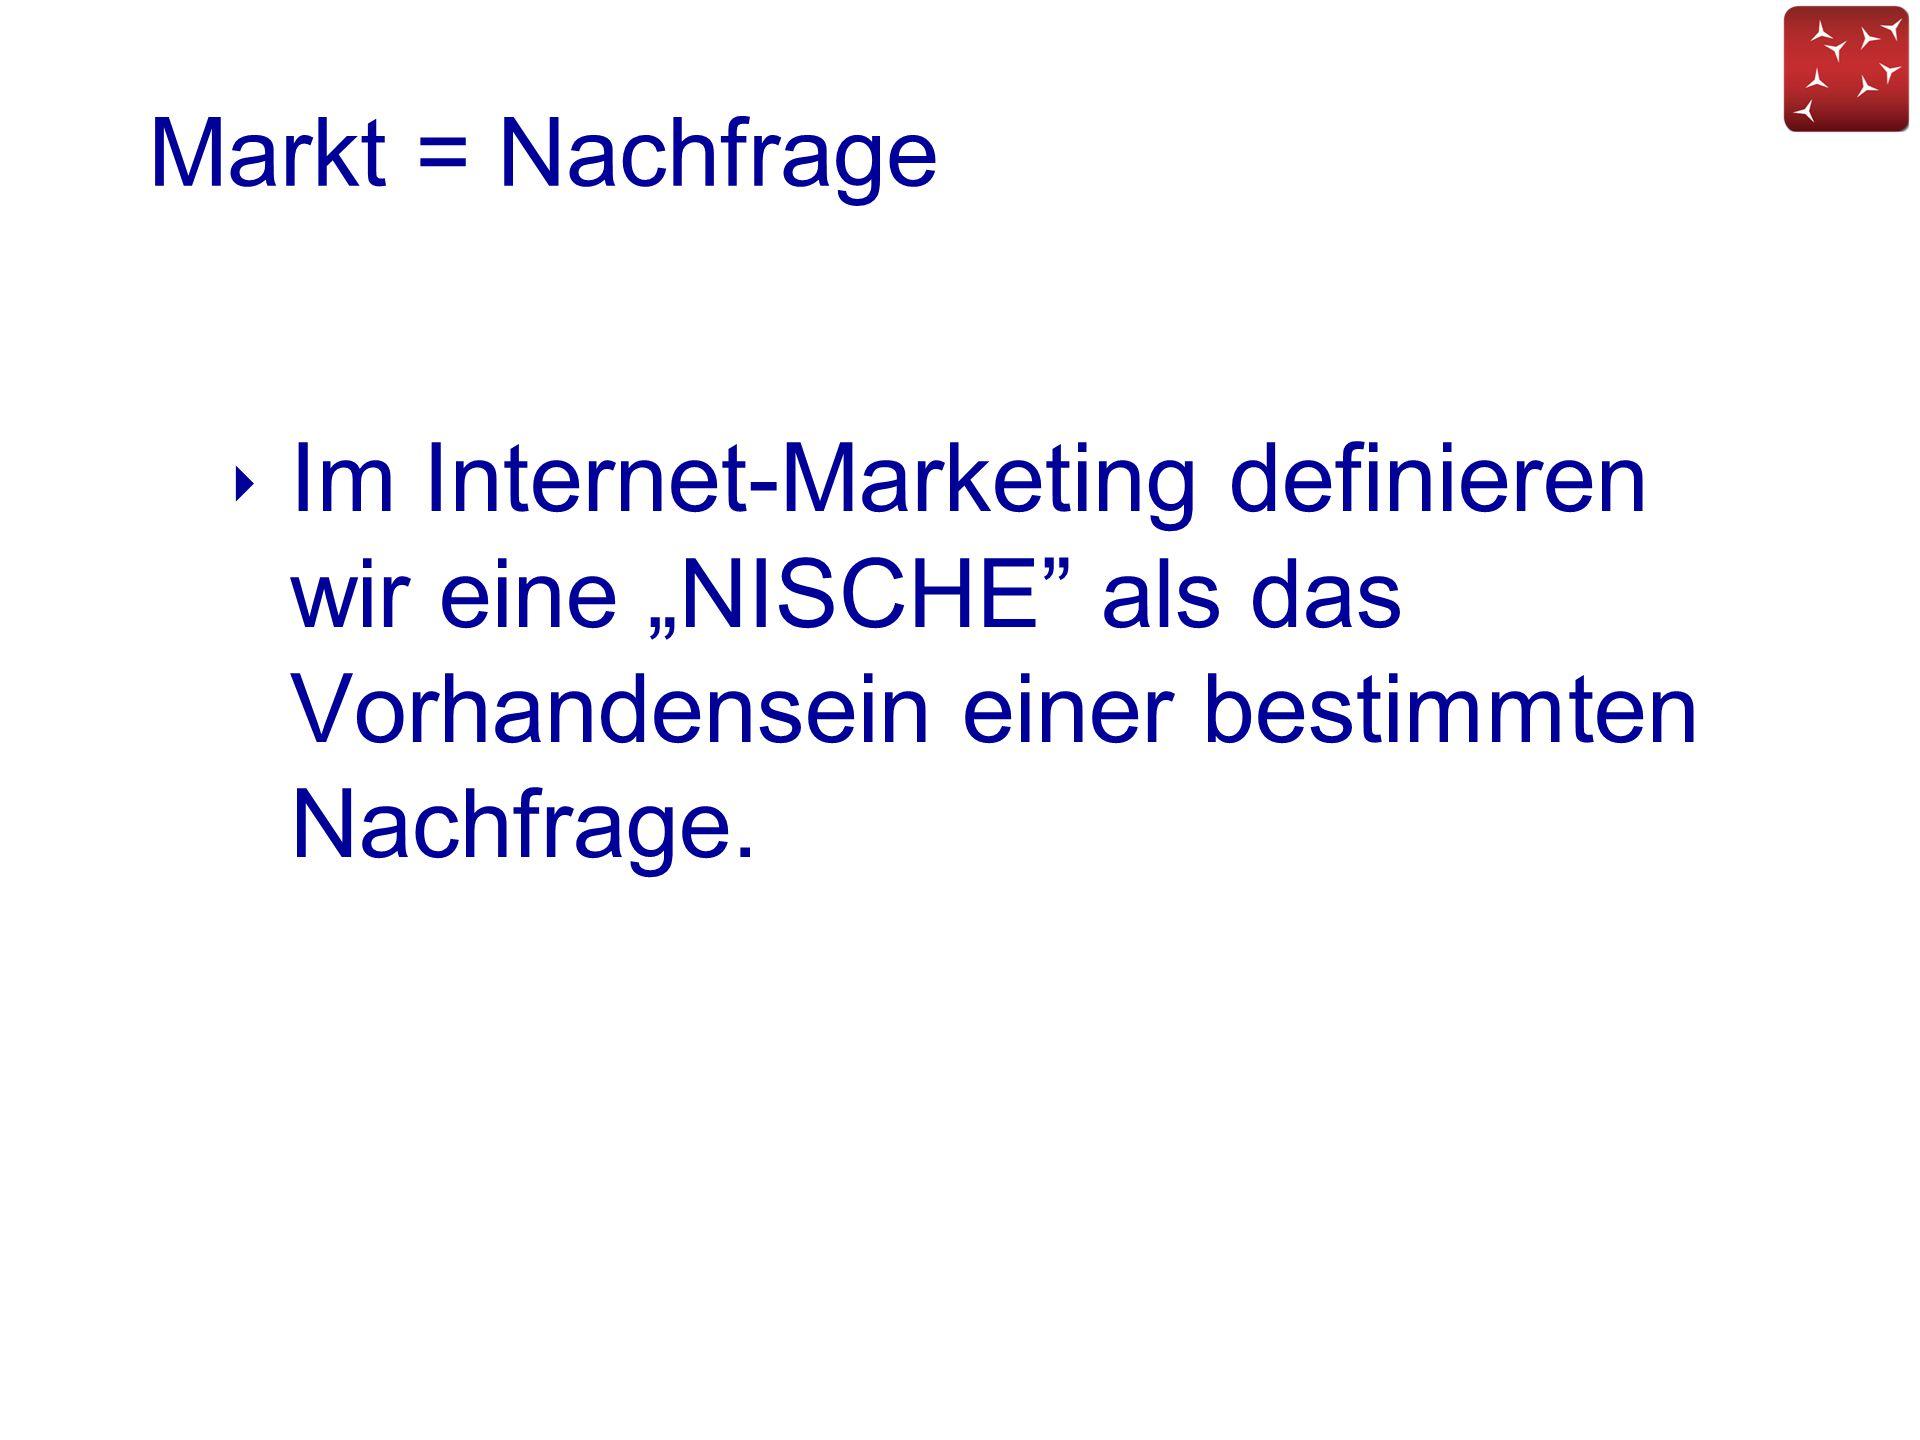 """Markt = Nachfrage Im Internet-Marketing definieren wir eine """"NISCHE als das Vorhandensein einer bestimmten Nachfrage."""